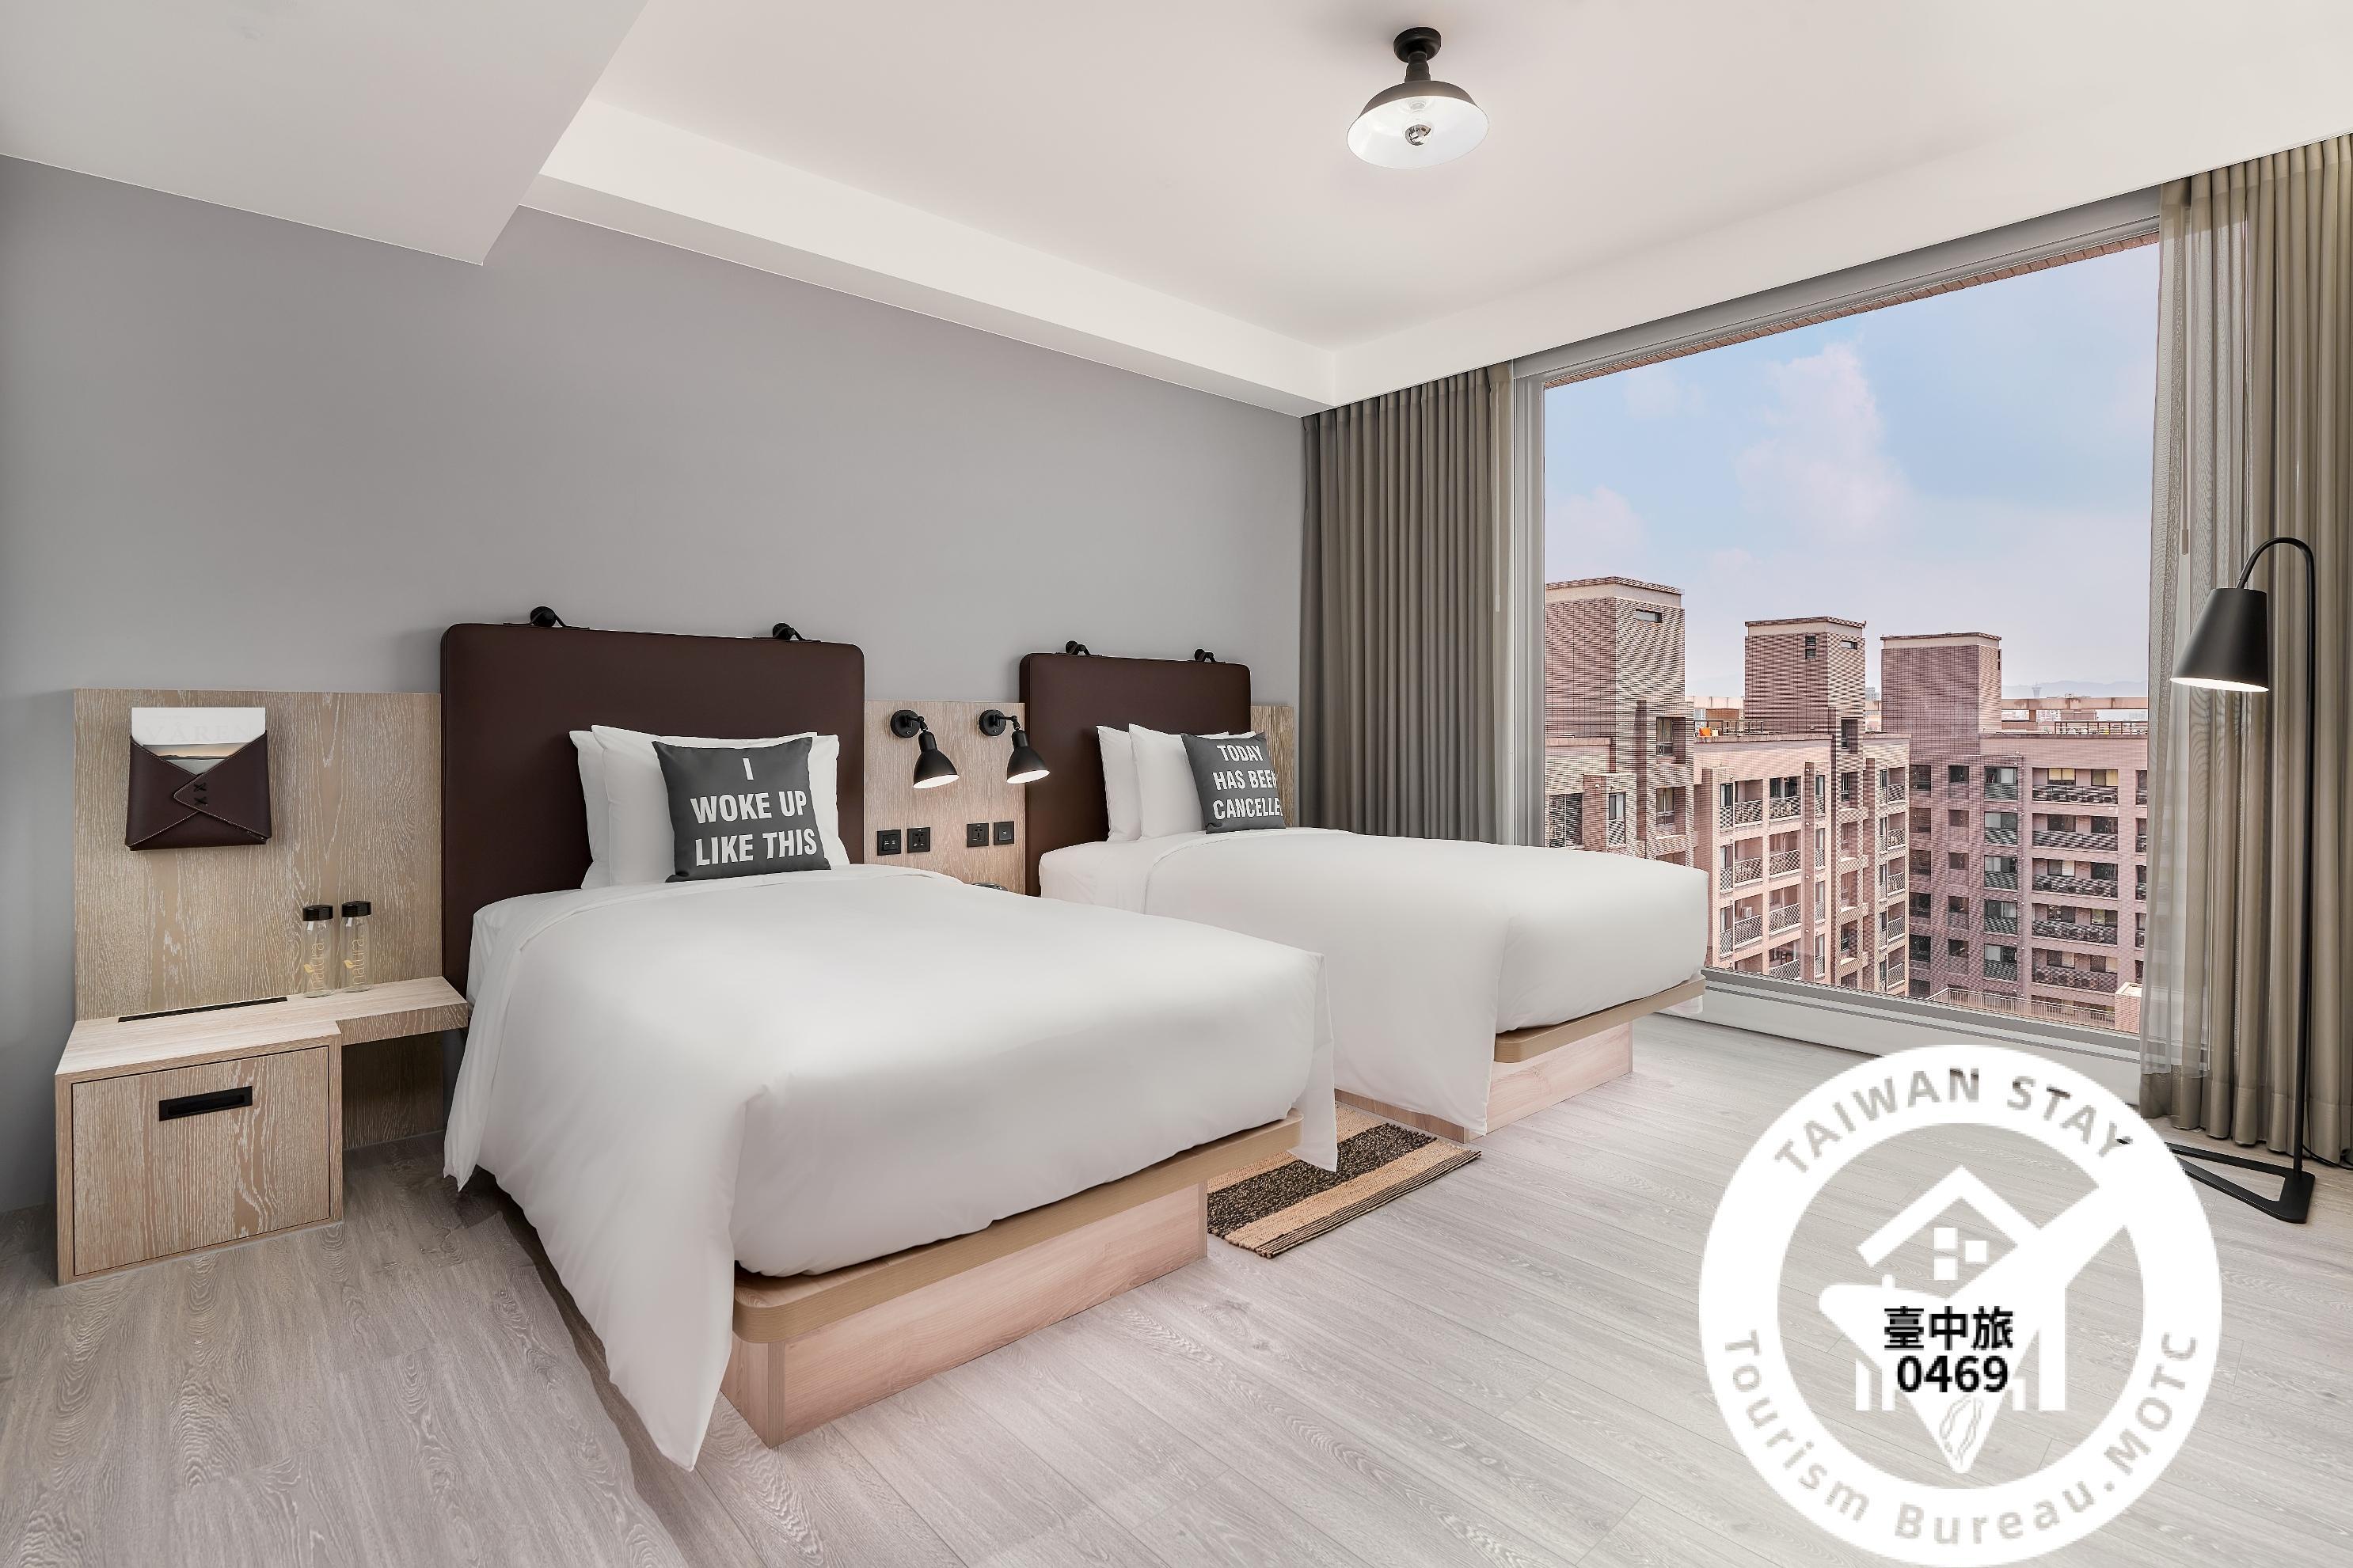 高級客房 兩小床照片_1